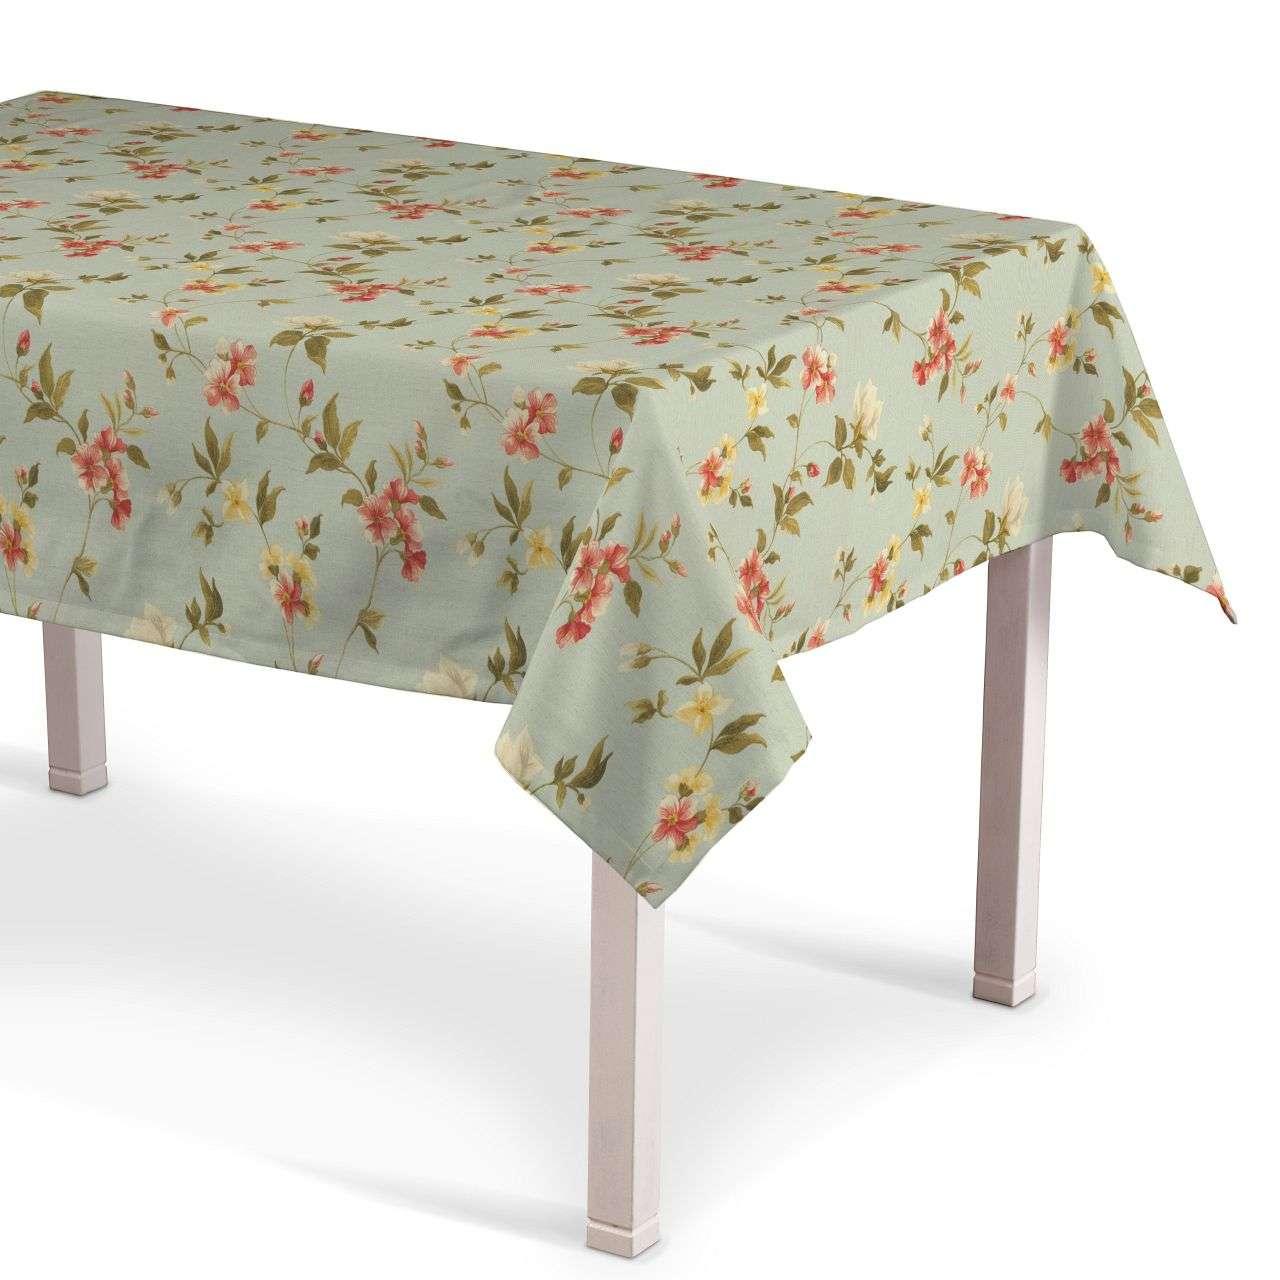 Rechteckige Tischdecke von der Kollektion Londres, Stoff: 124-65